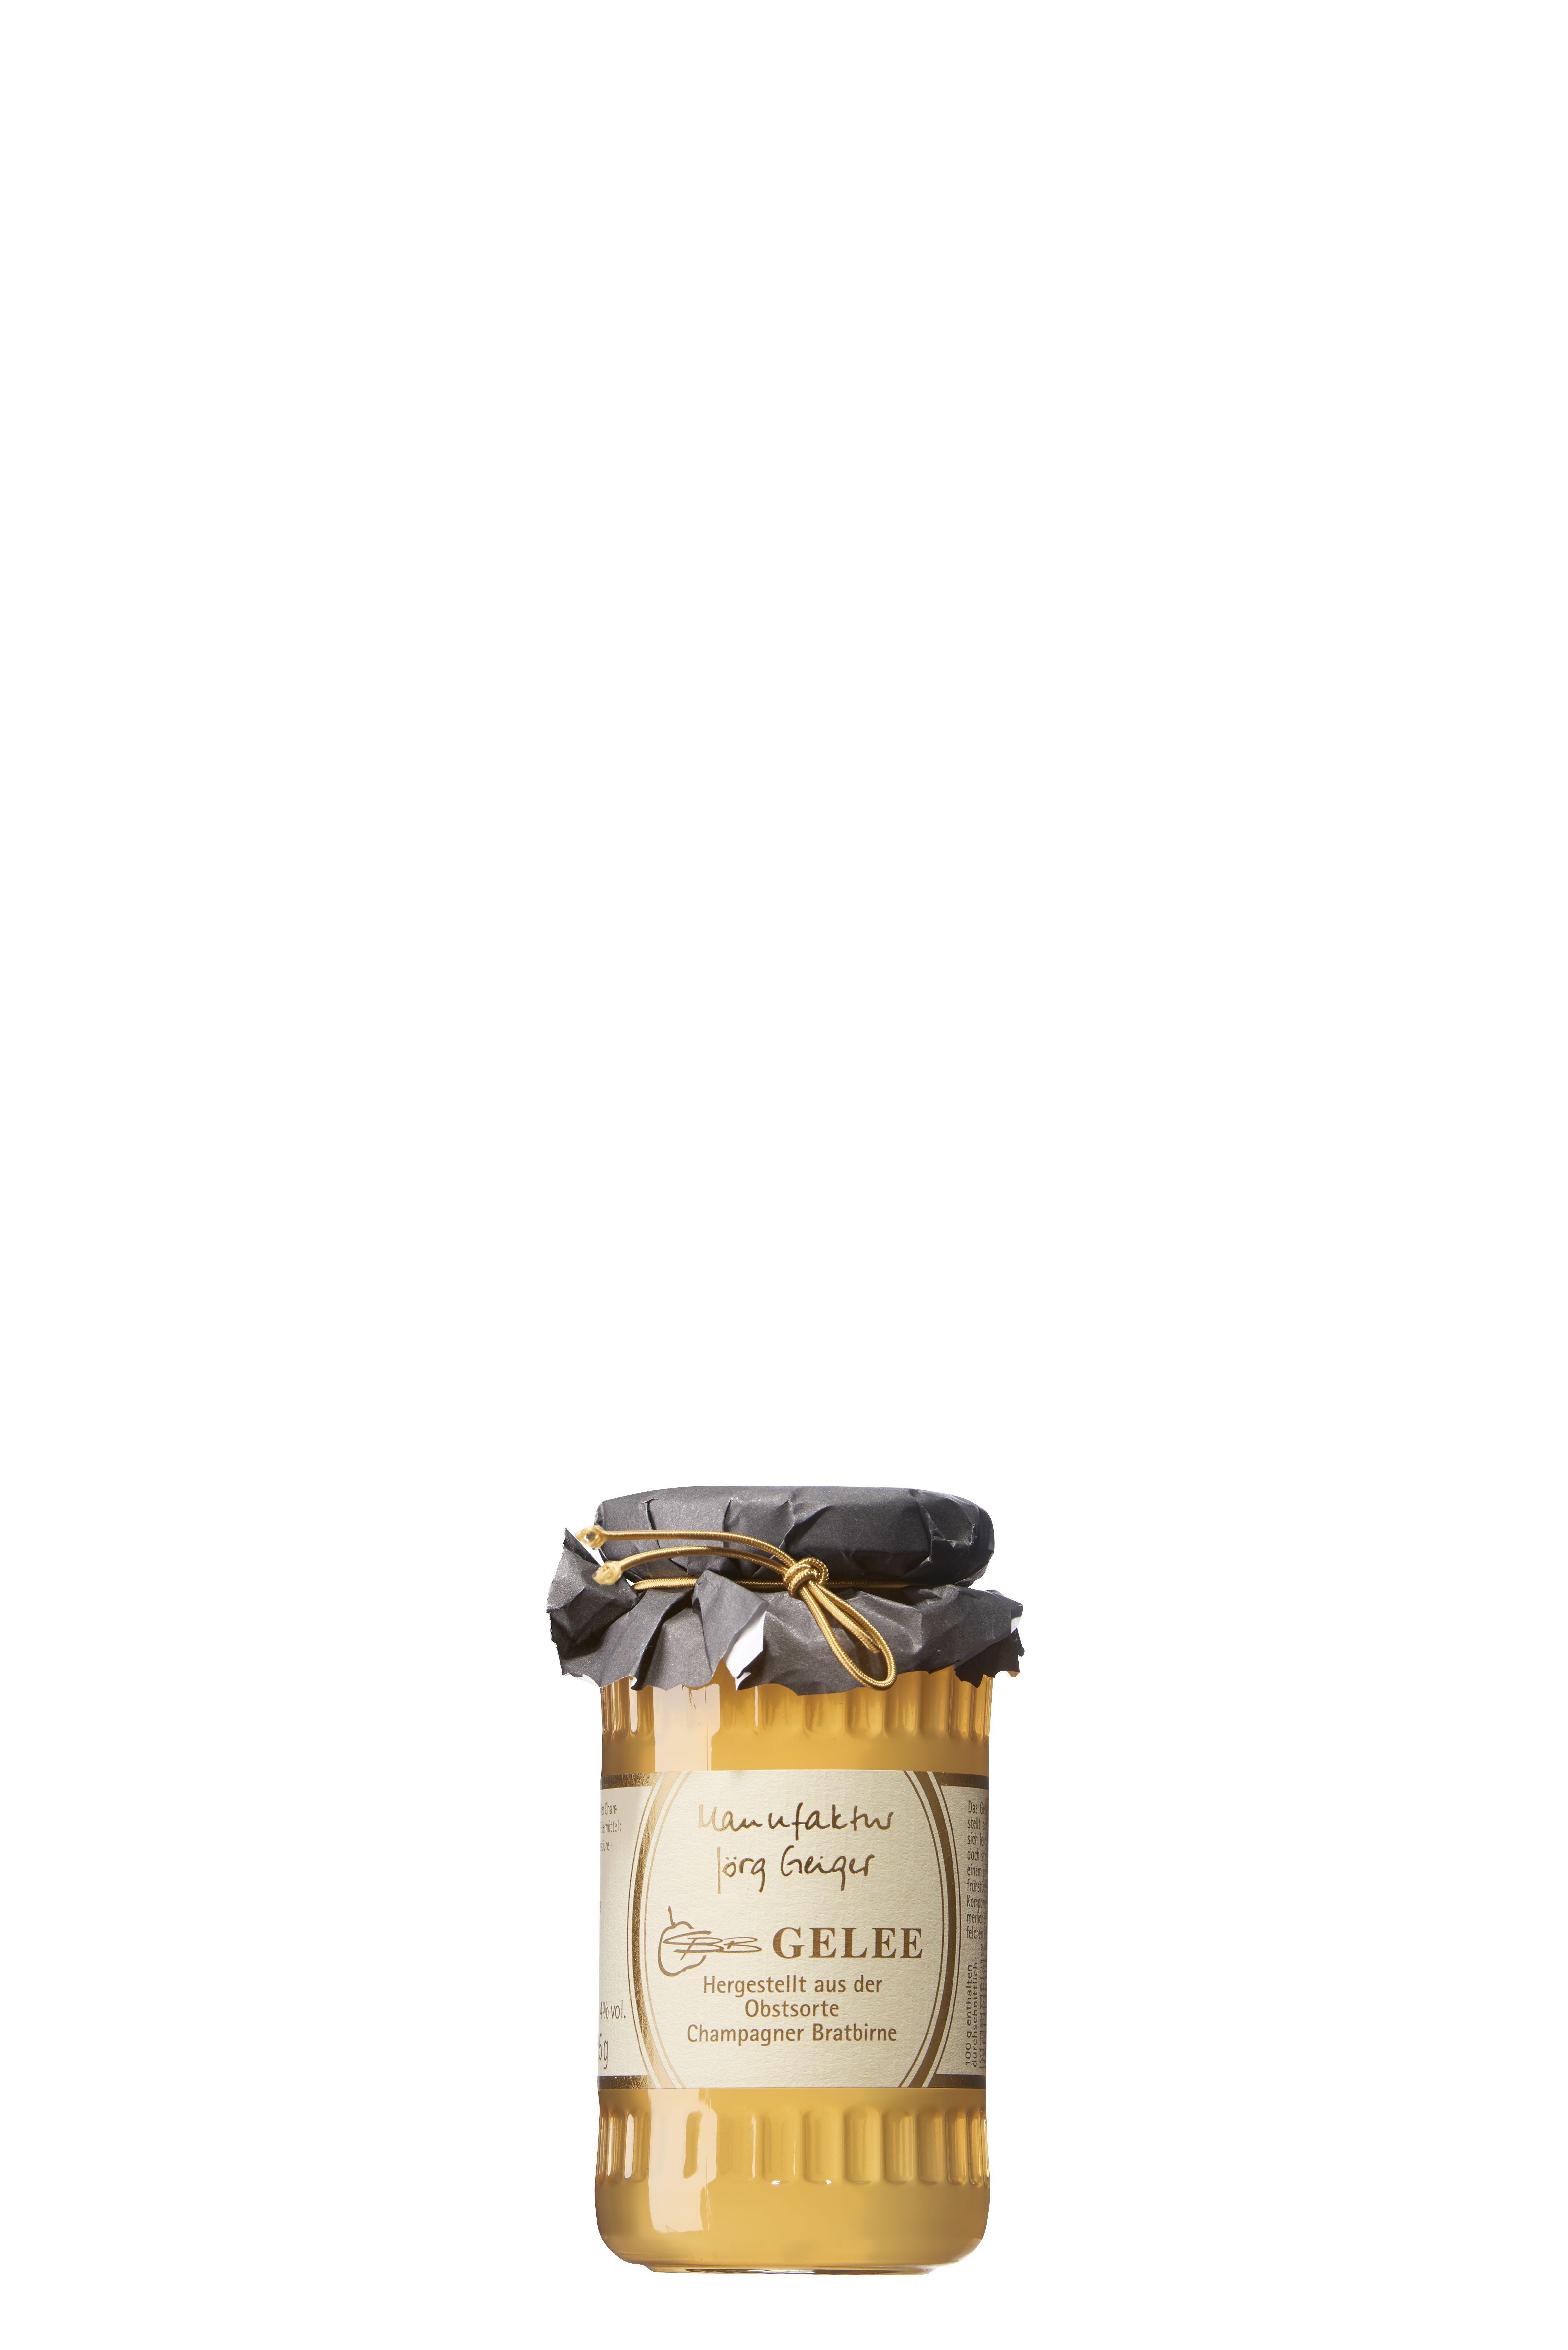 Gelee aus der Champagner Bratbirne 225g